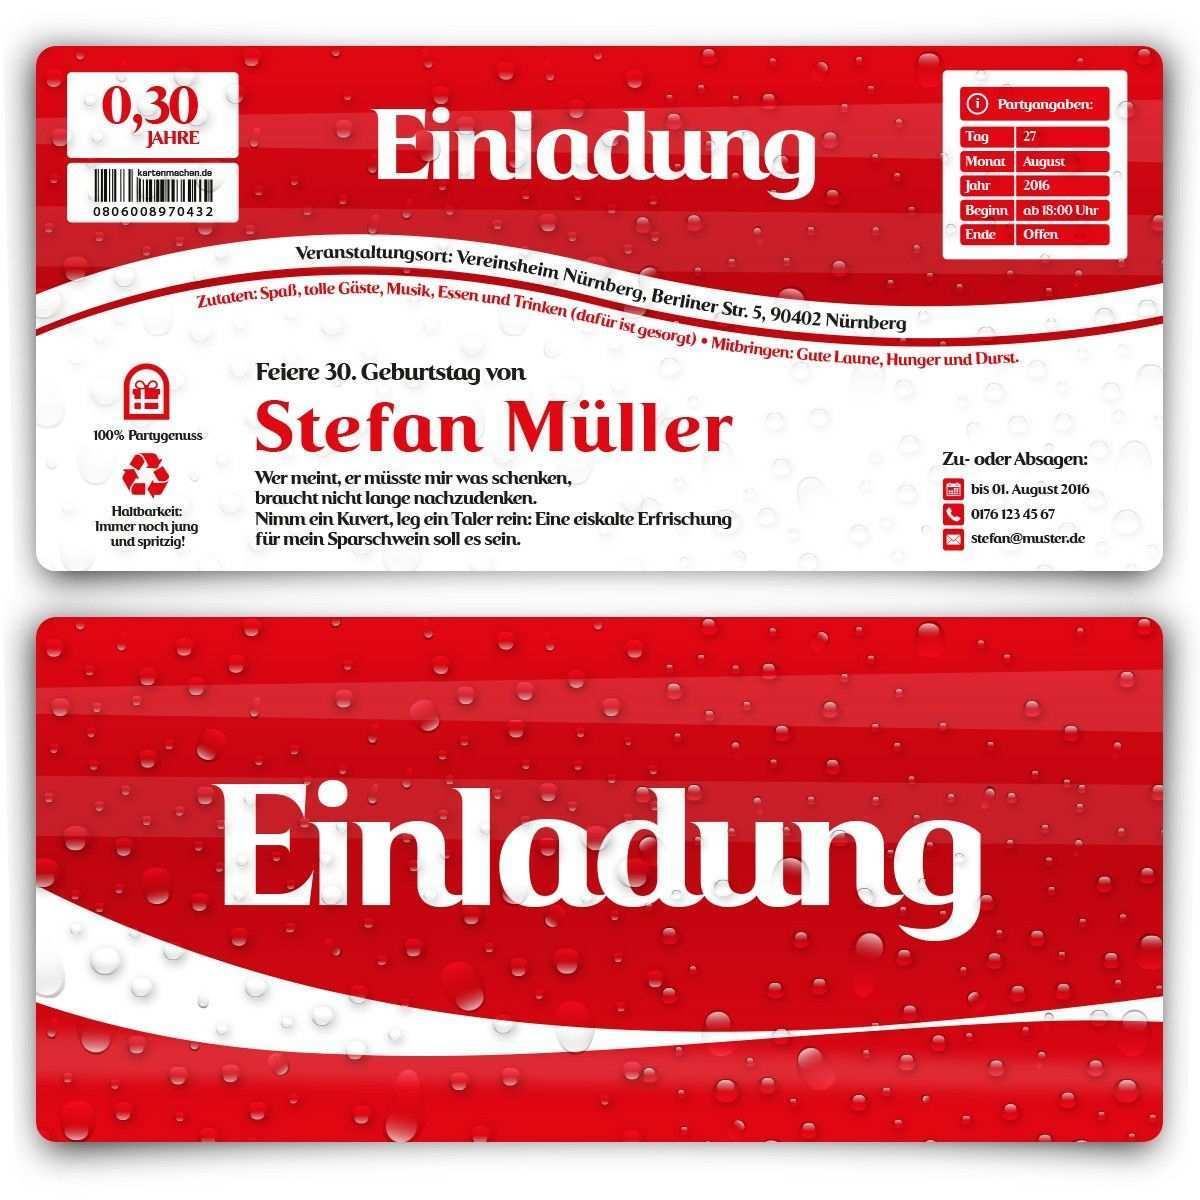 Einladungskarten Als Cola Geburtstag Einladung Geburtstagseinladung Cocacola Cola Birthday Invitation Einladungen Cola Einladung Geburtstag